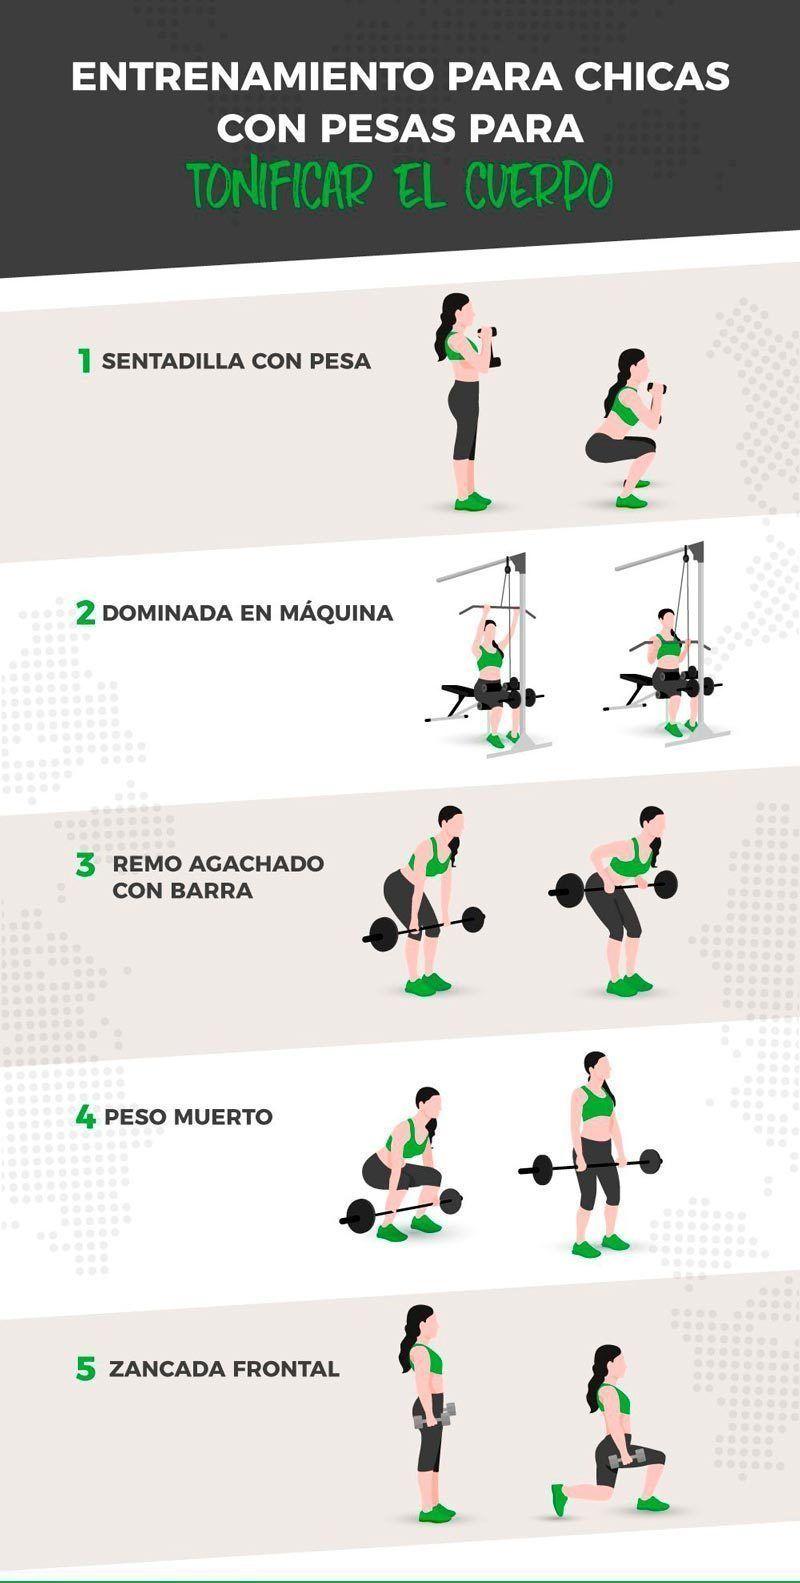 5 Rutinas Para Tonificar Tu Cuerpo Gym Workout Tips Gym Plan Workout Plan Gym